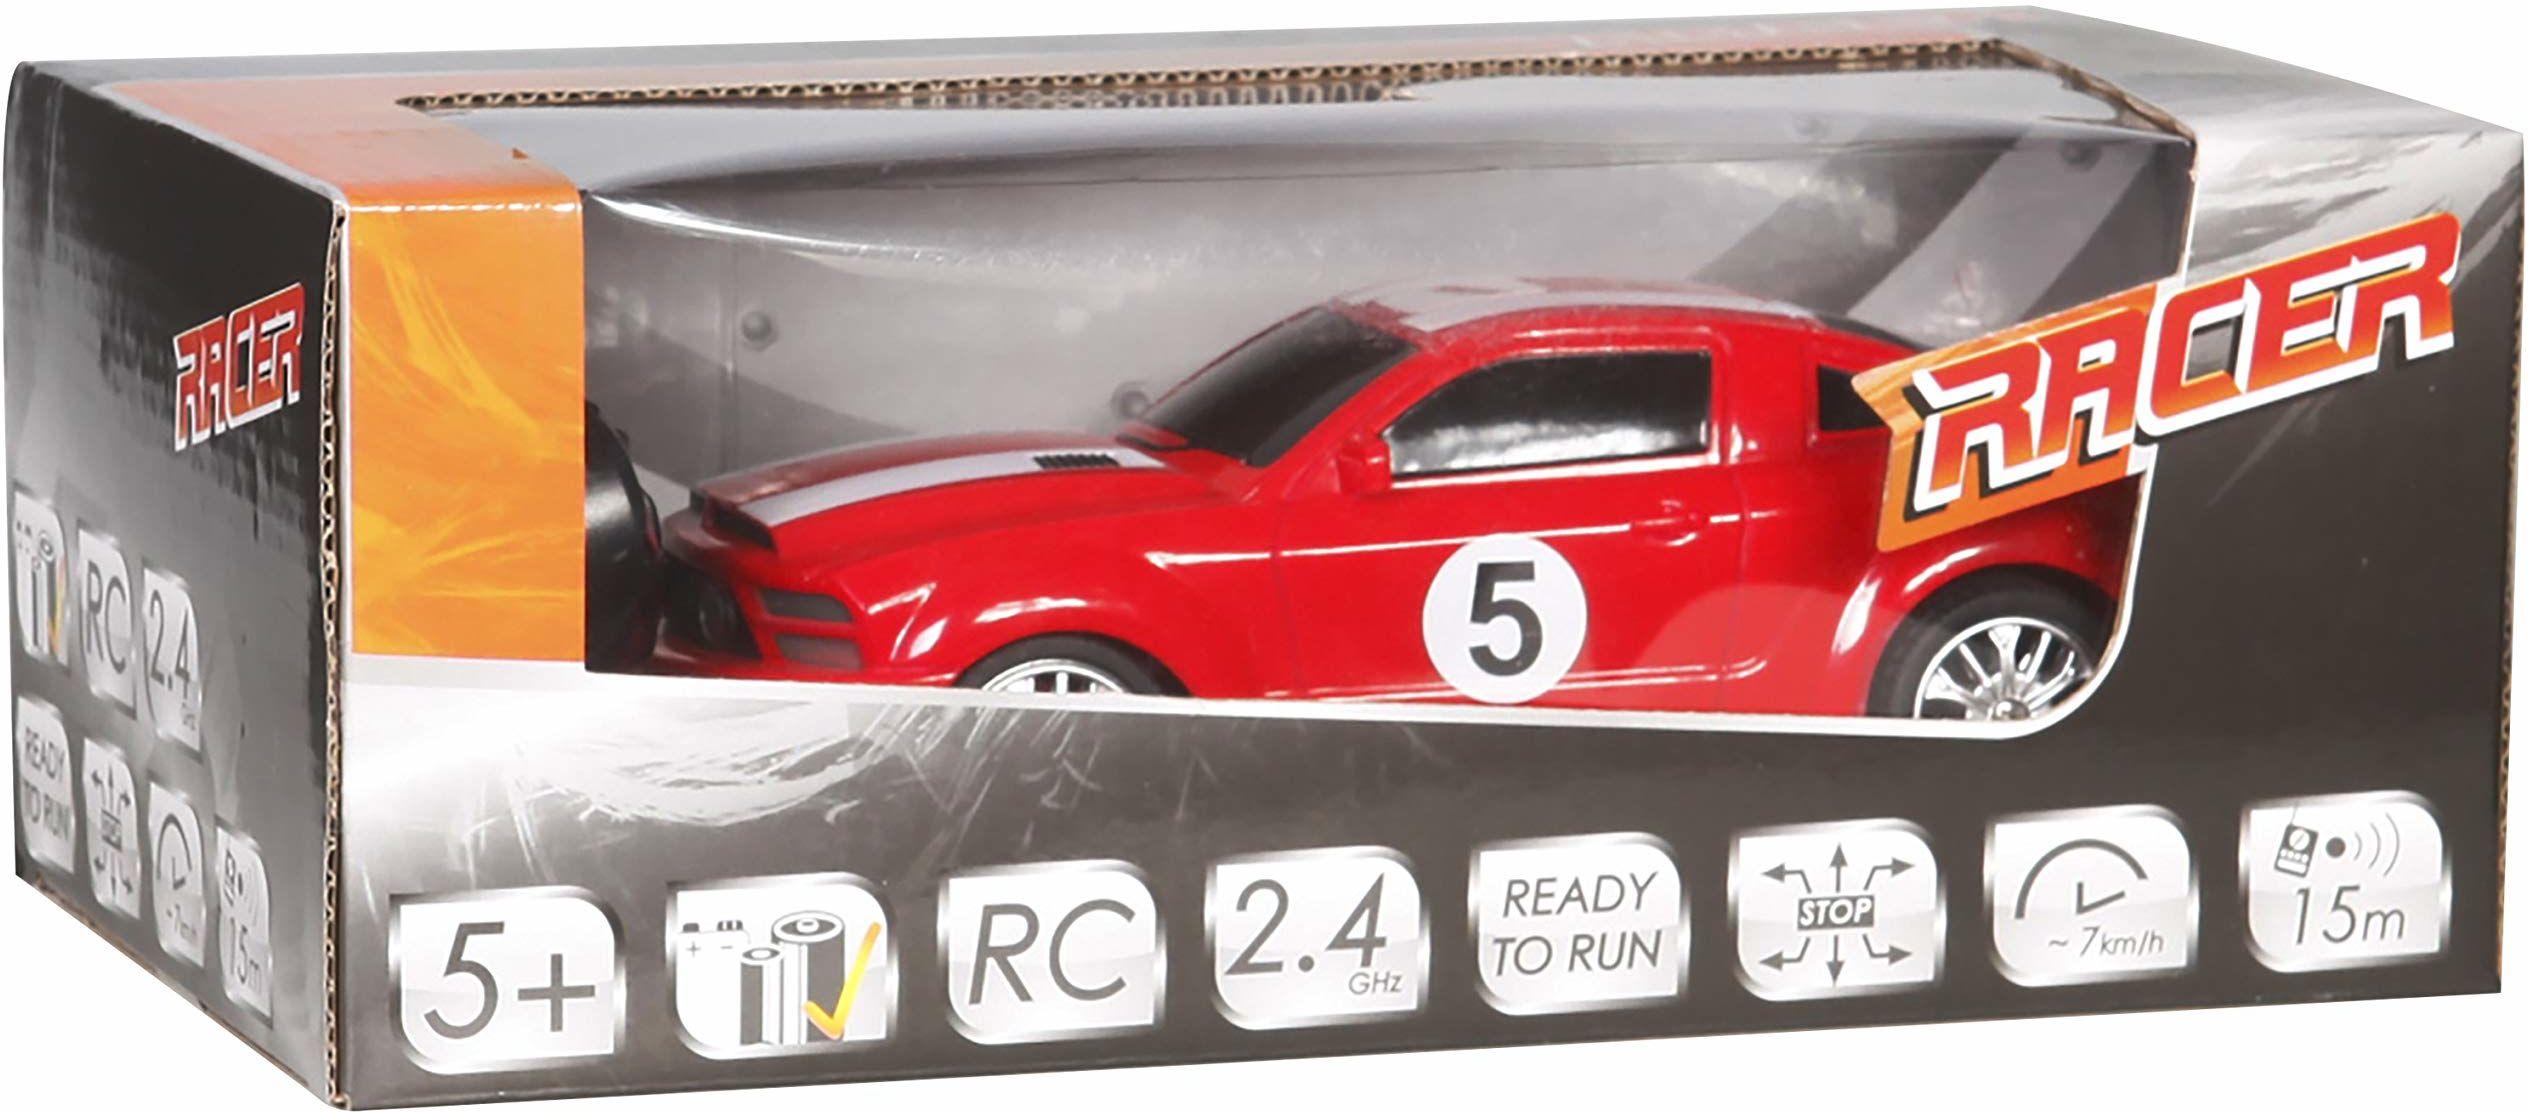 Racer R/C samochód wyścigowy ze światłem, 27 MHz